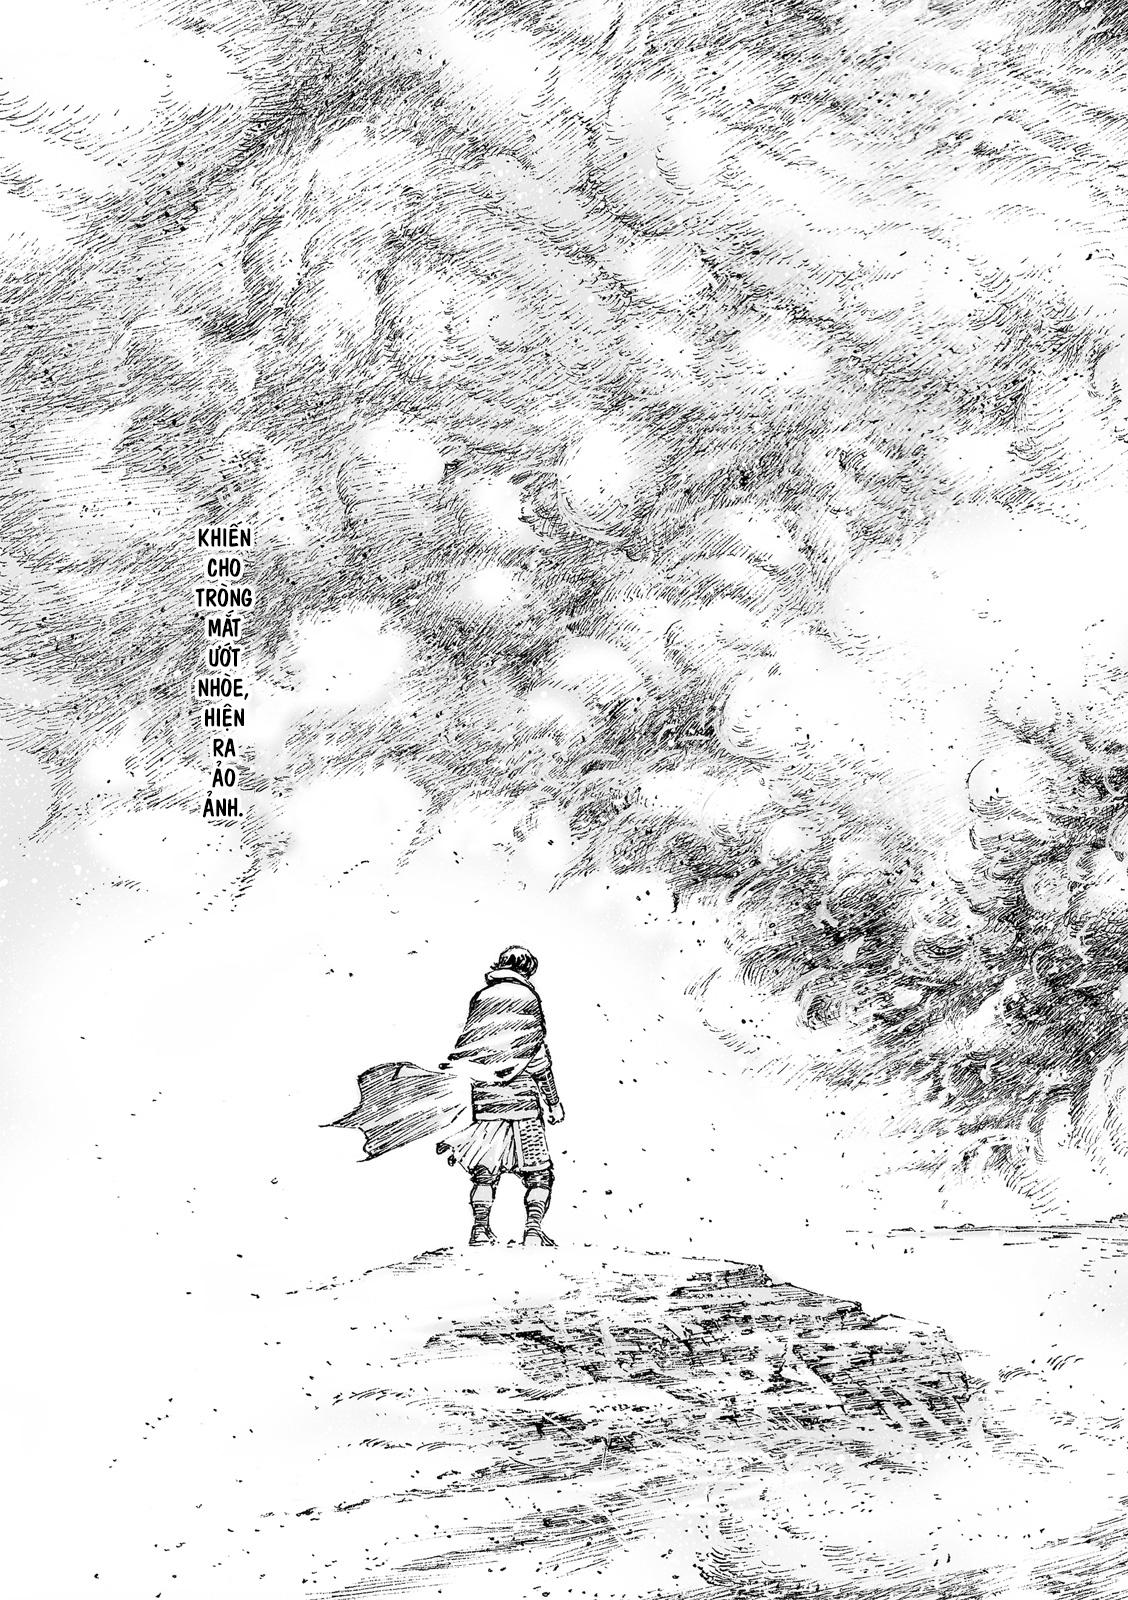 Hỏa phụng liêu nguyên Chương 526: Thiên địa chi gian trang 21